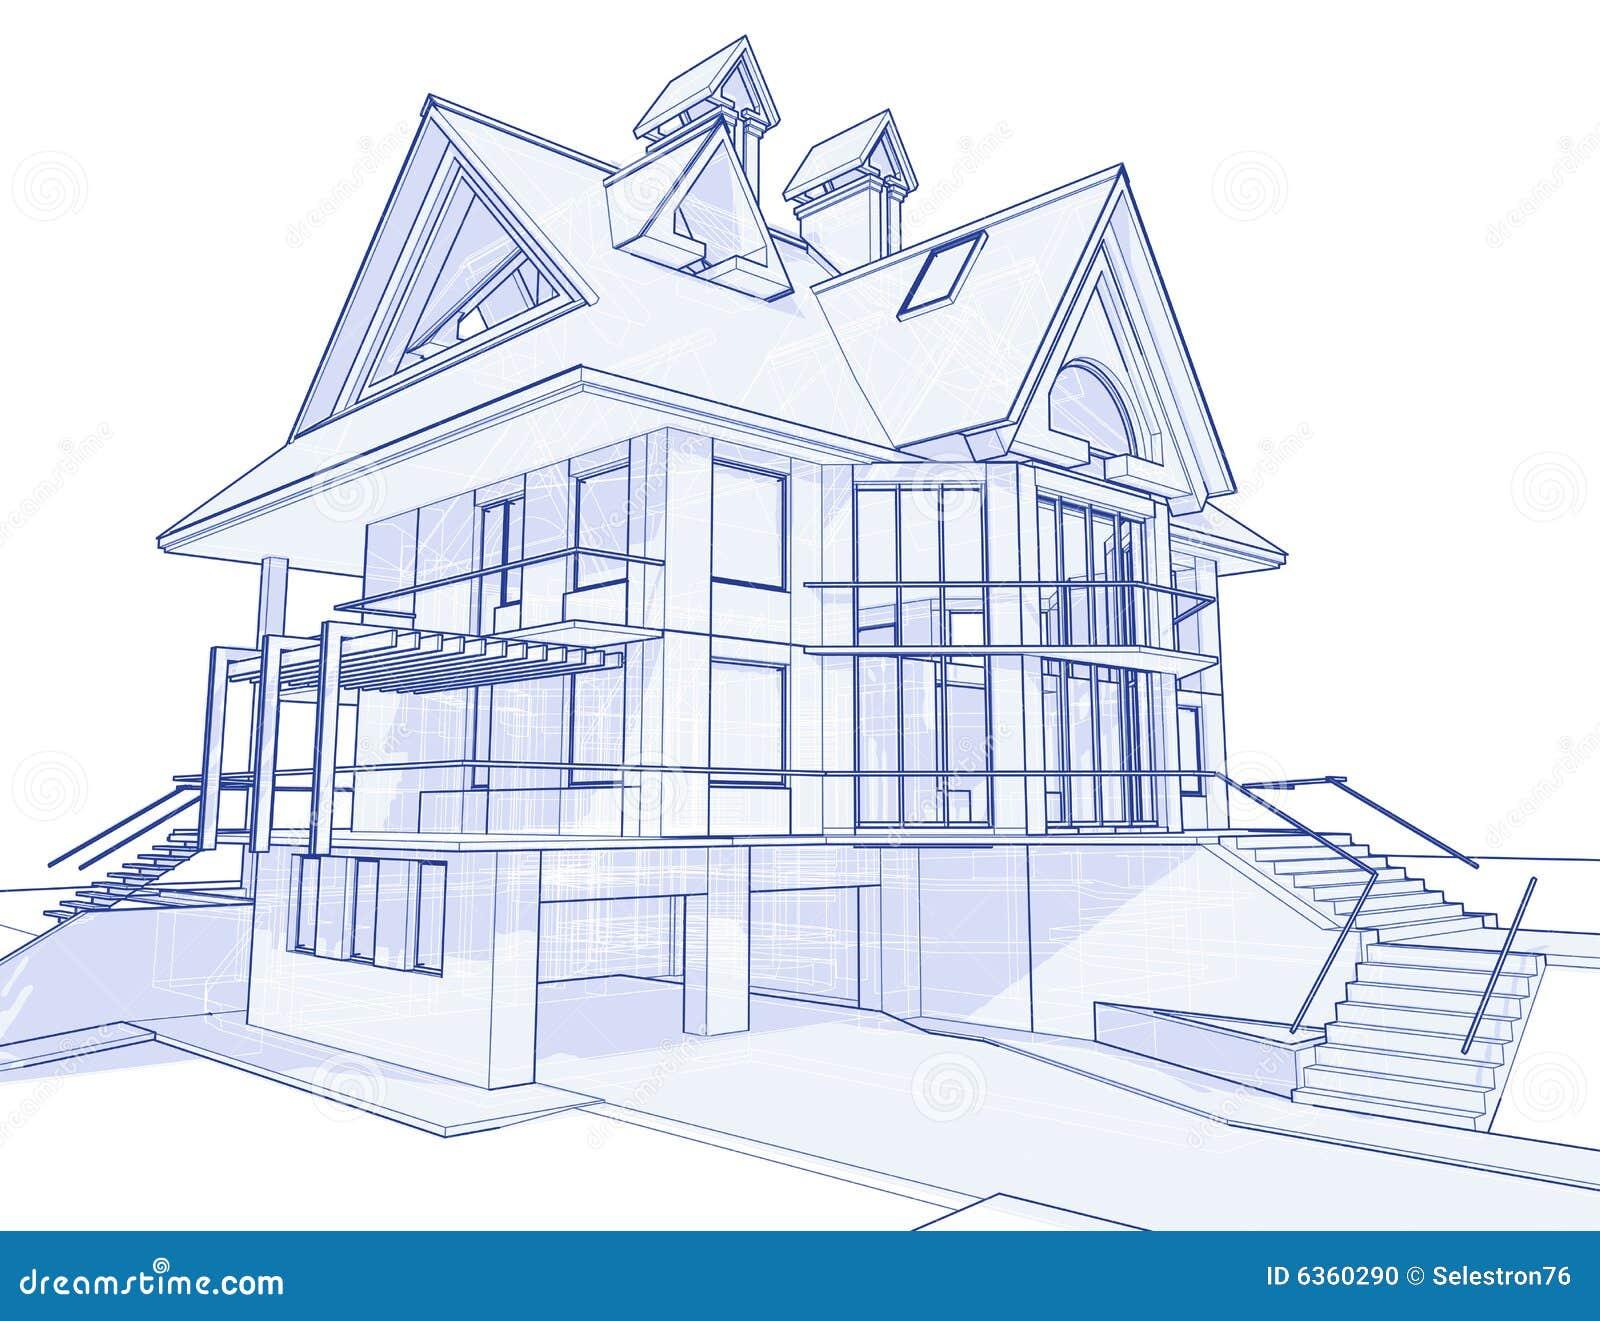 Modernes haus lichtpause vektor abbildung illustration for Modernes haus zeichnen